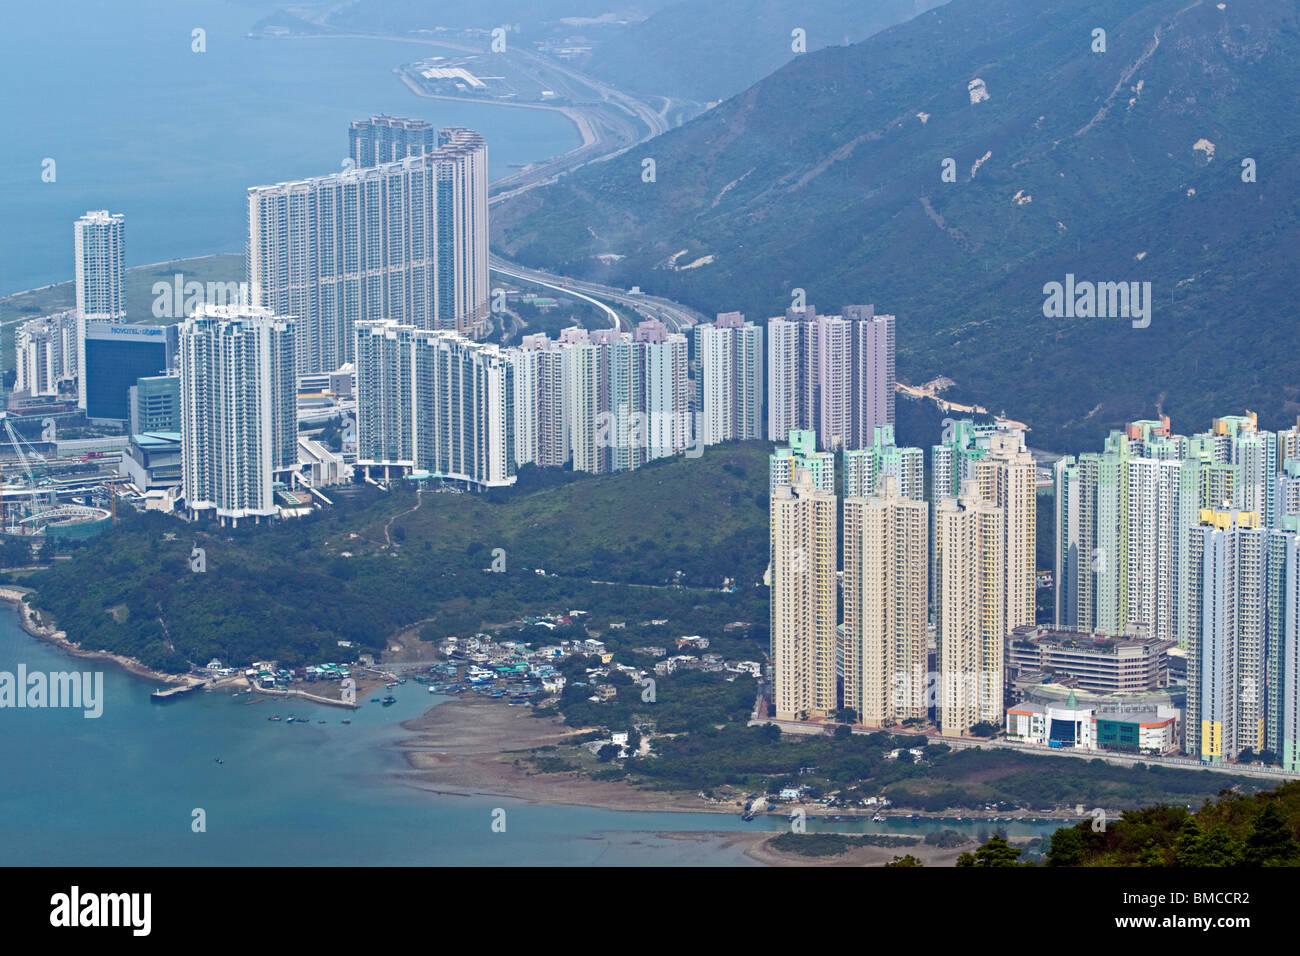 Tung Chung, Lantau Island, Hong Kong, SAR of China - Stock Image